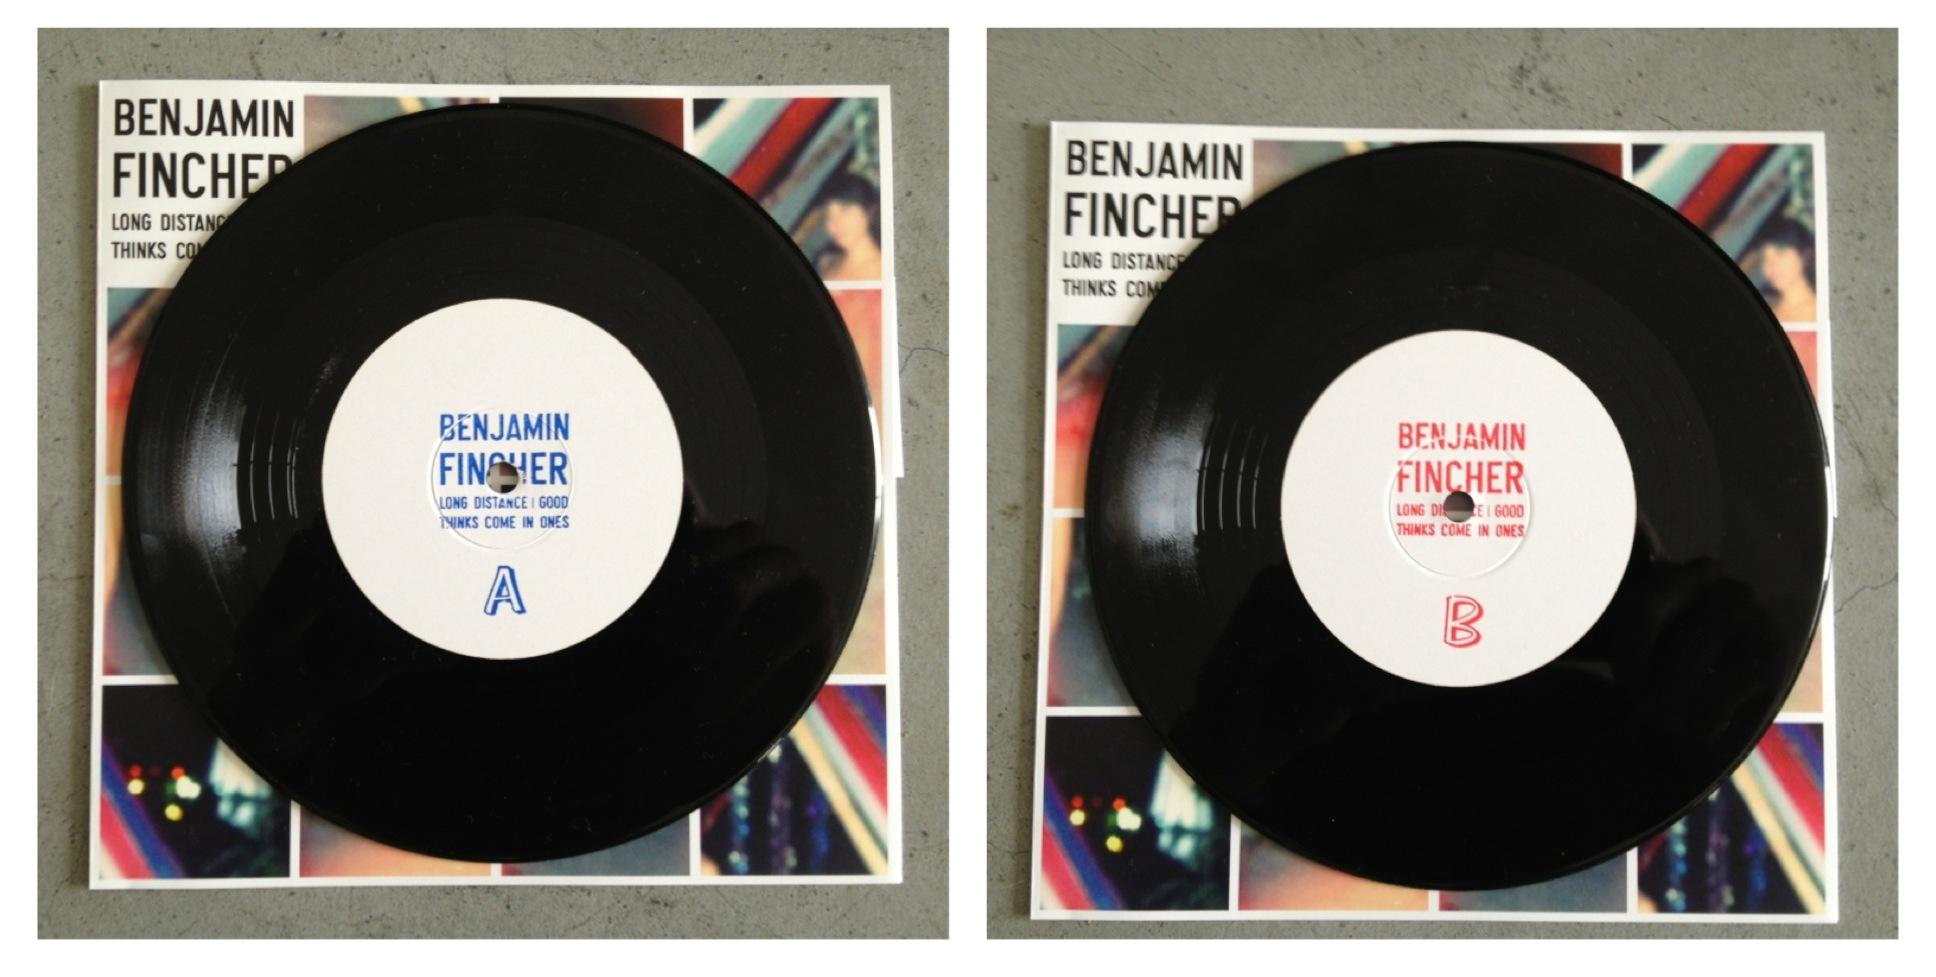 Vinyle Benjamin Fincher